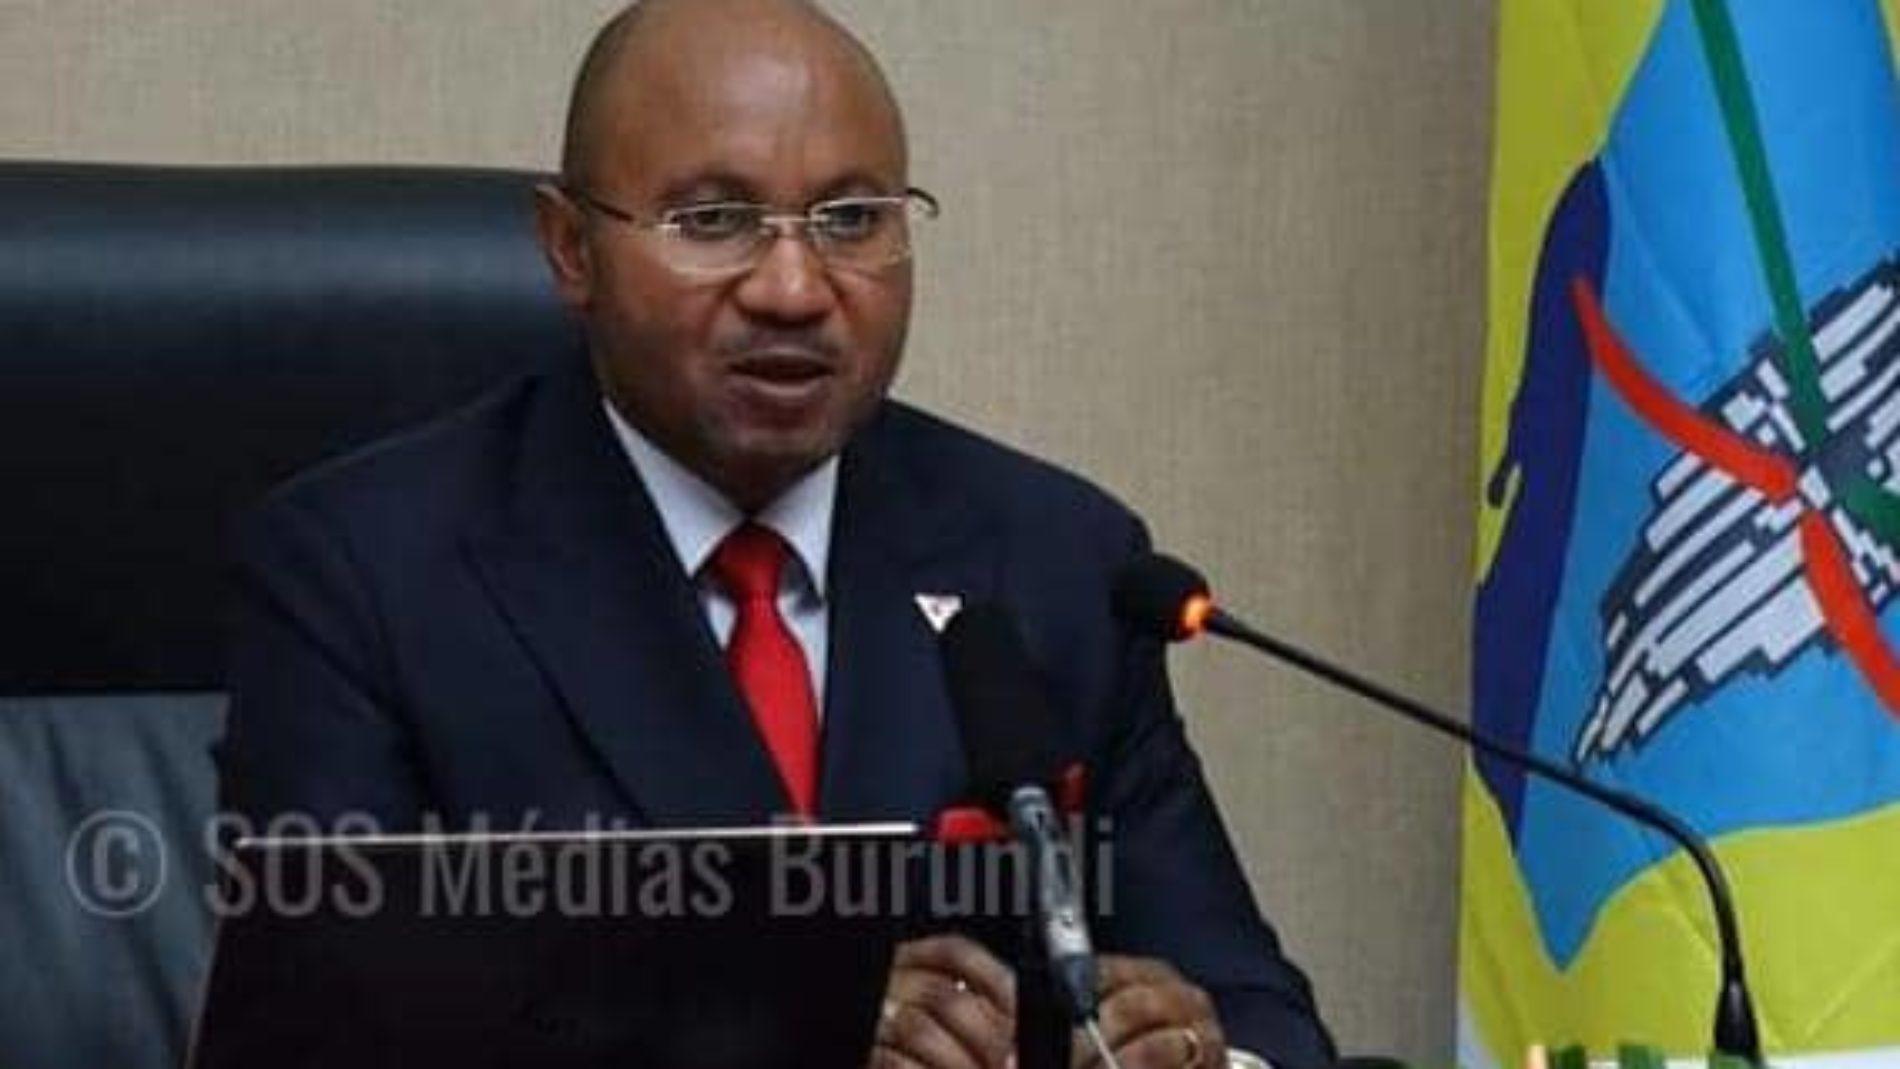 Burundi : le gouvernement répond aux ONGs qui dénoncent des violations de droits humains